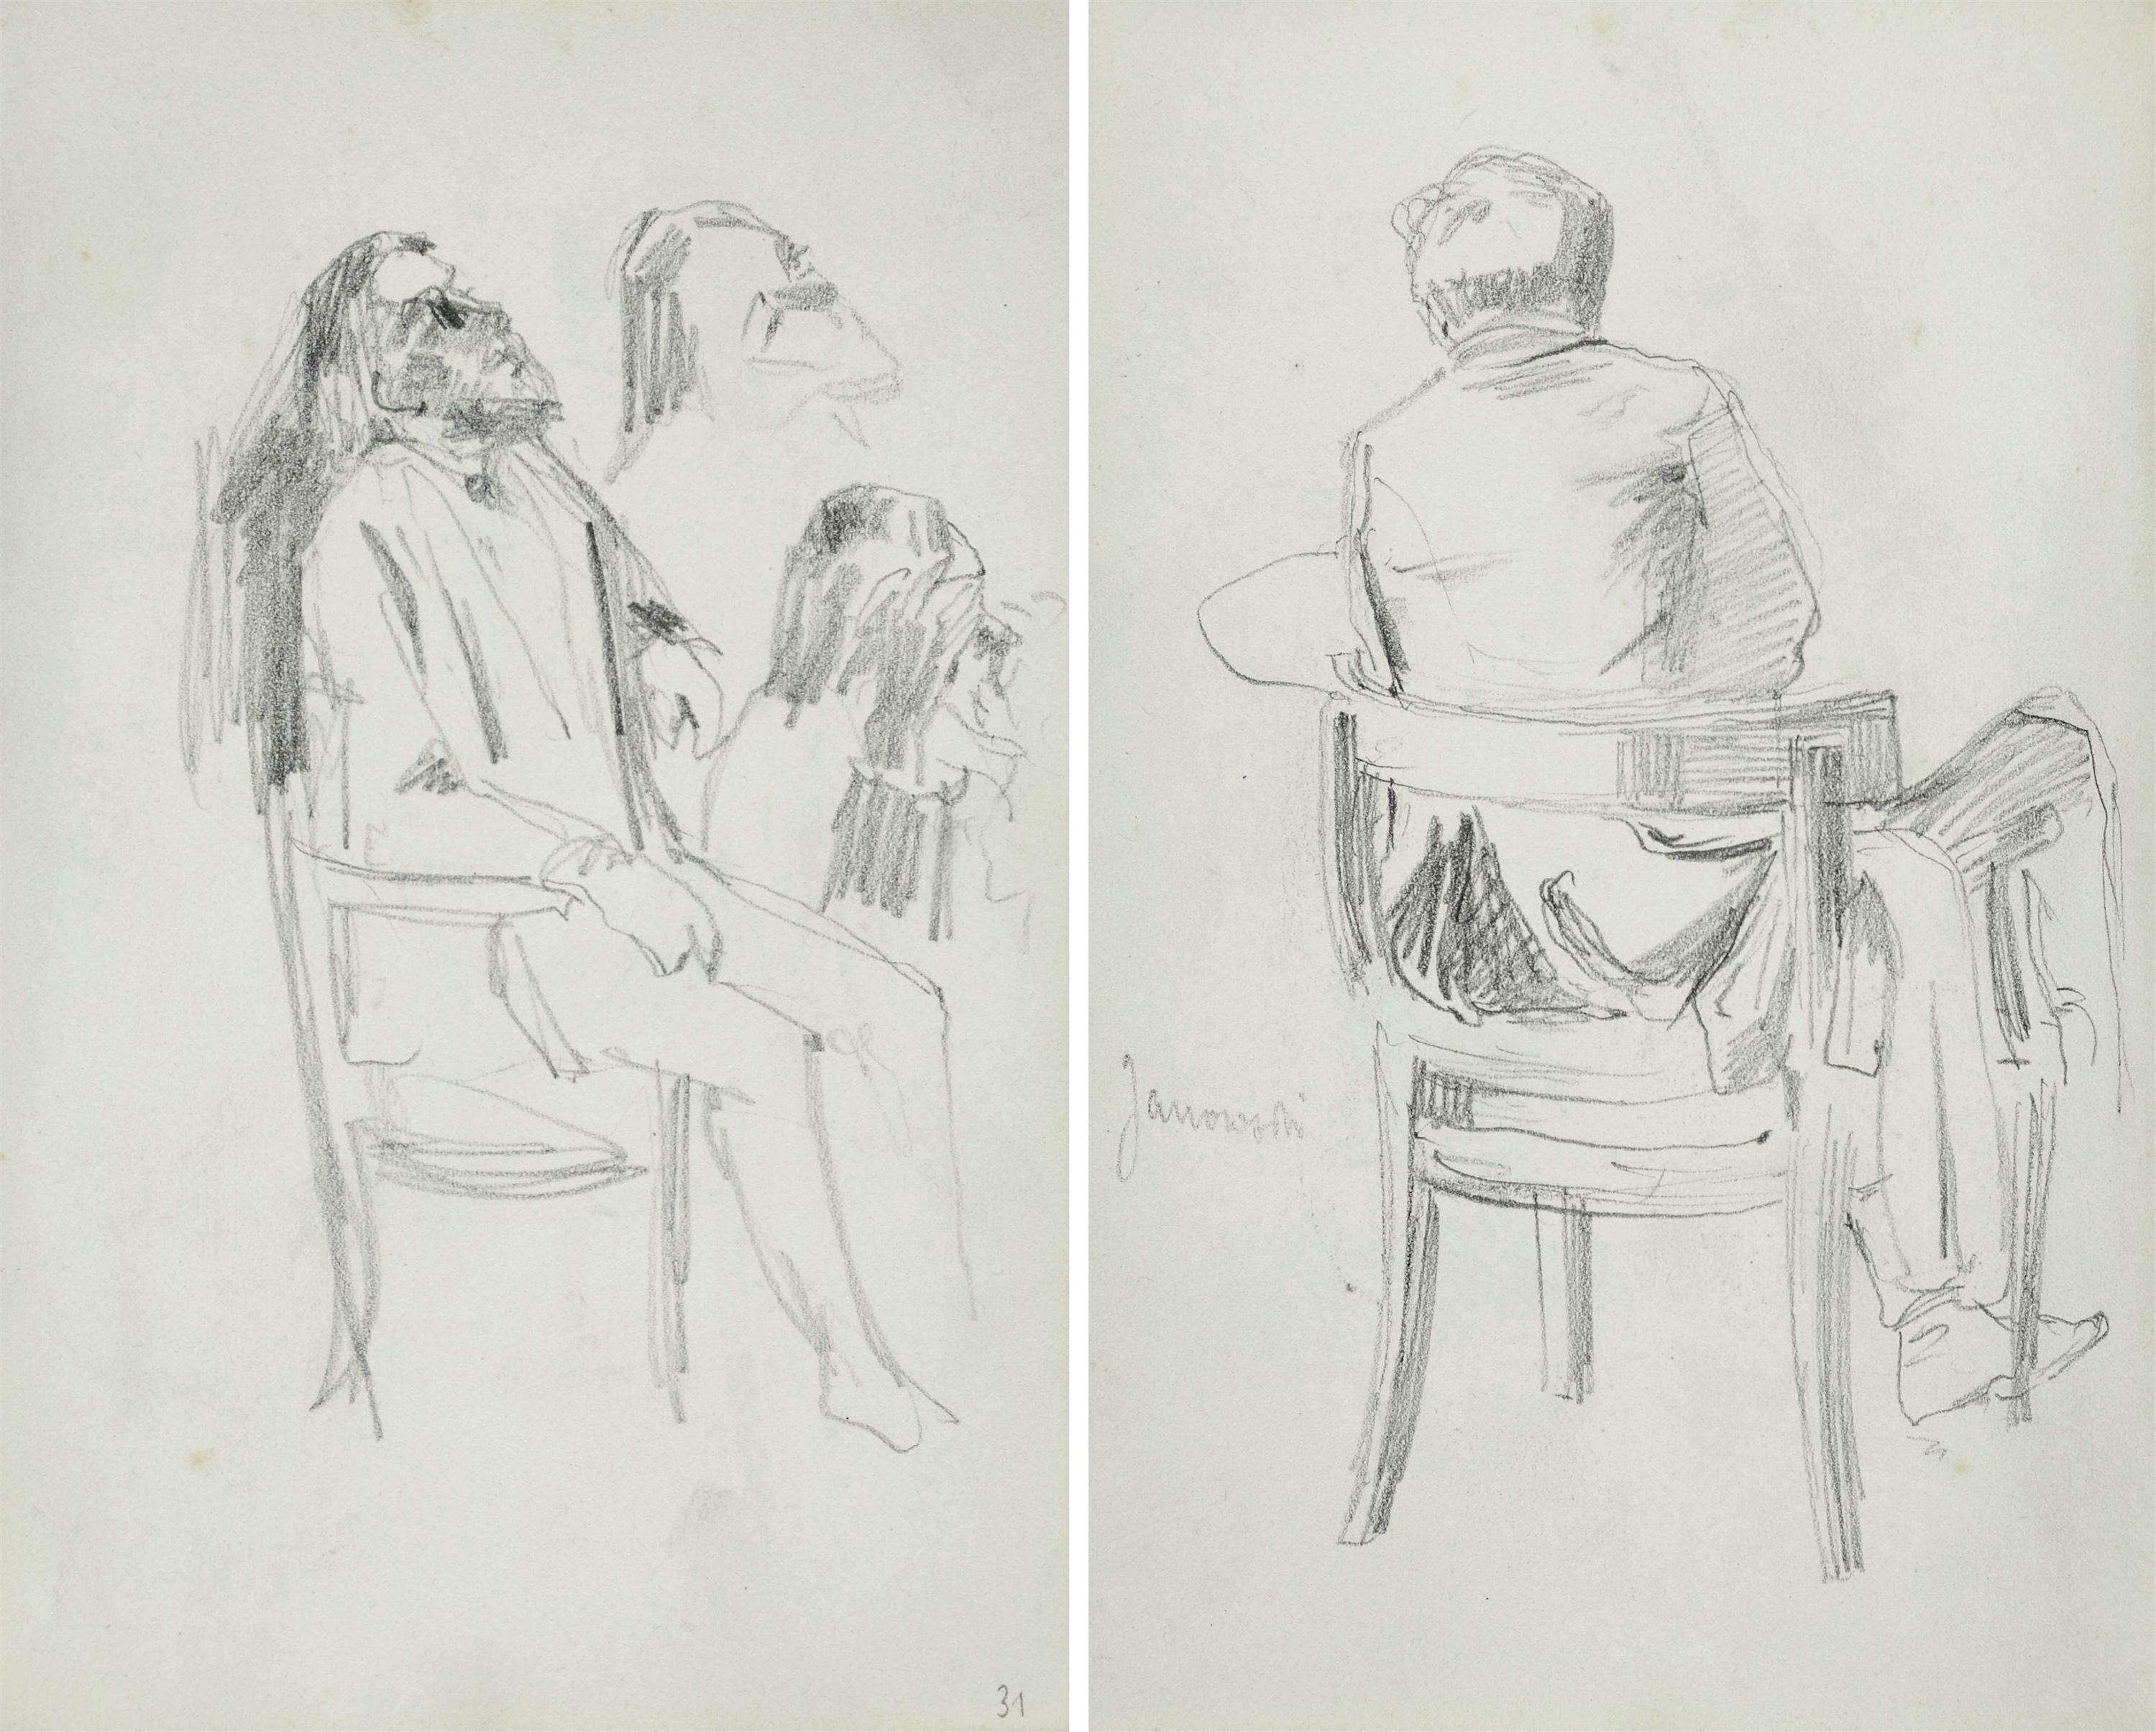 Szkic ukazanego tyłem mężczyzny siedzącego na krześle trzymającego sztalugę